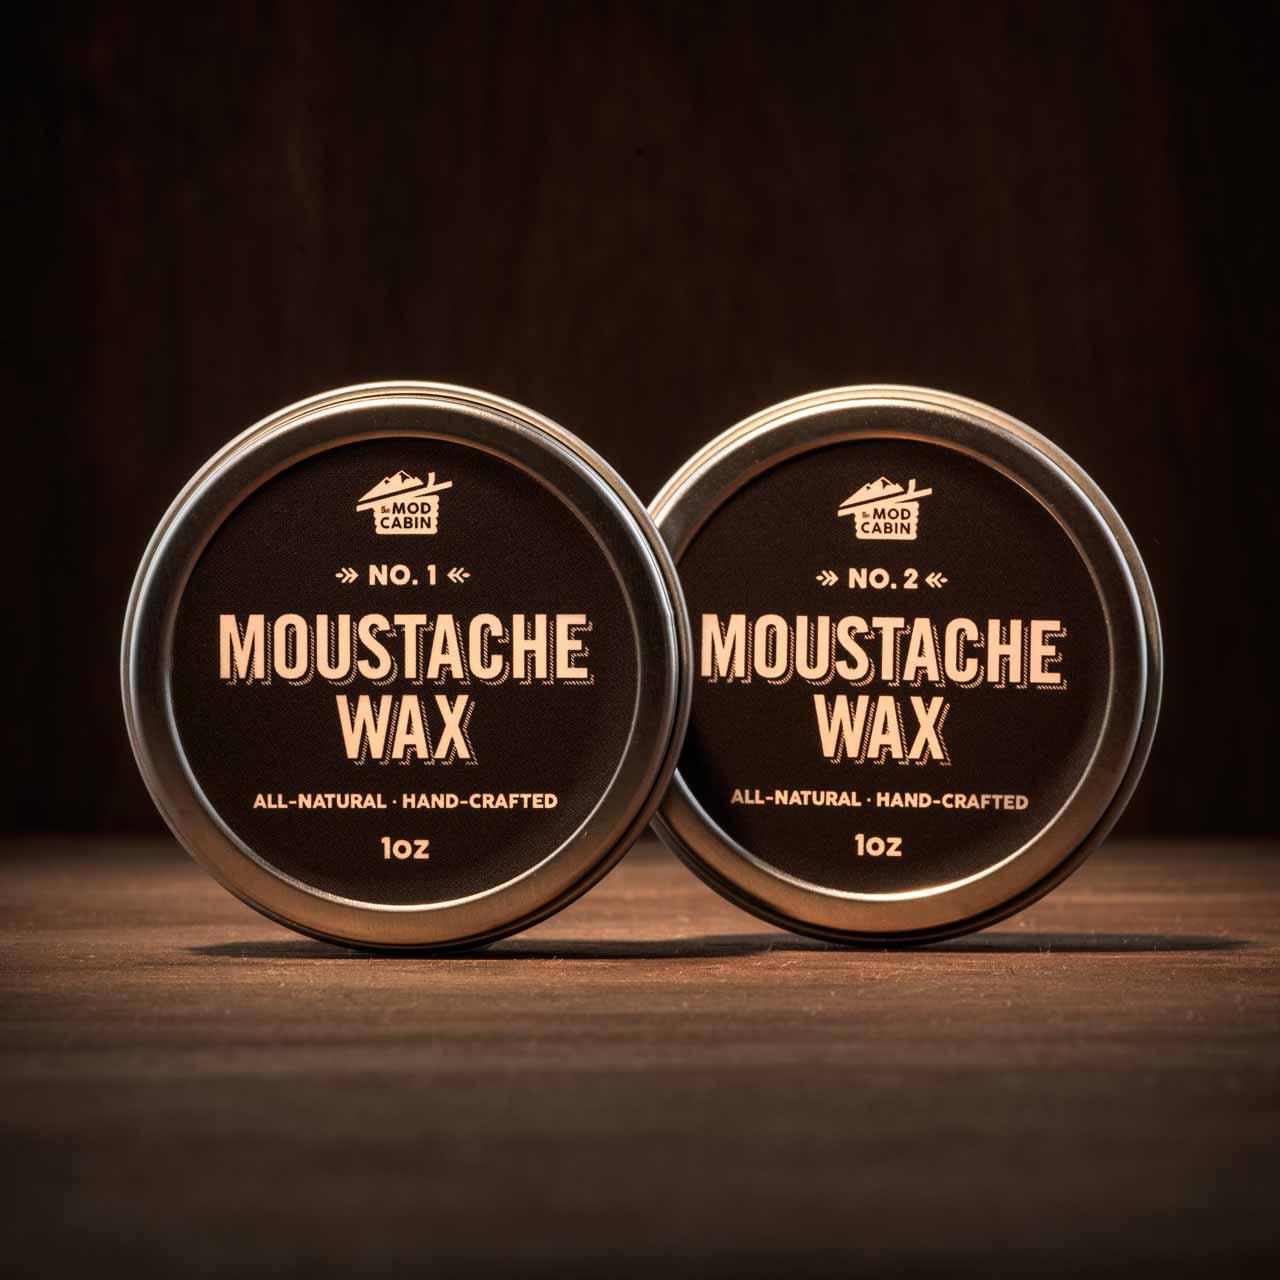 bien choisir cire a moustache